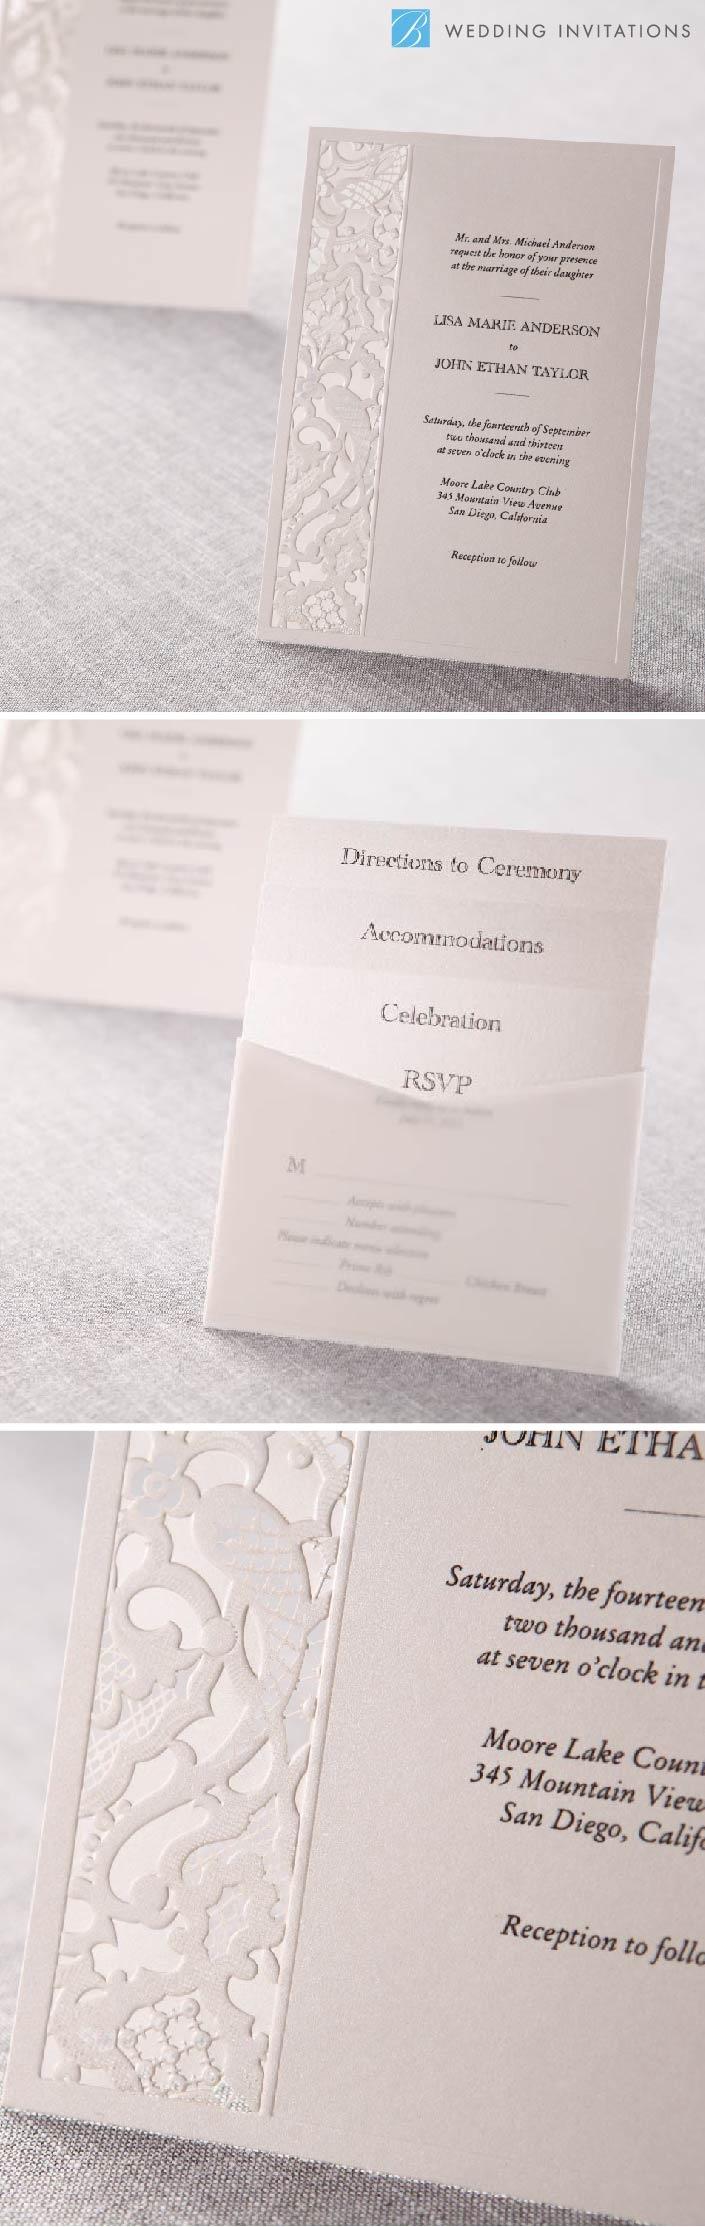 laser cut wedding invites canada%0A Elegant Laser Cut by B Wedding Invitations  weddinginvitations  invitations   wedding  whiteinvitations